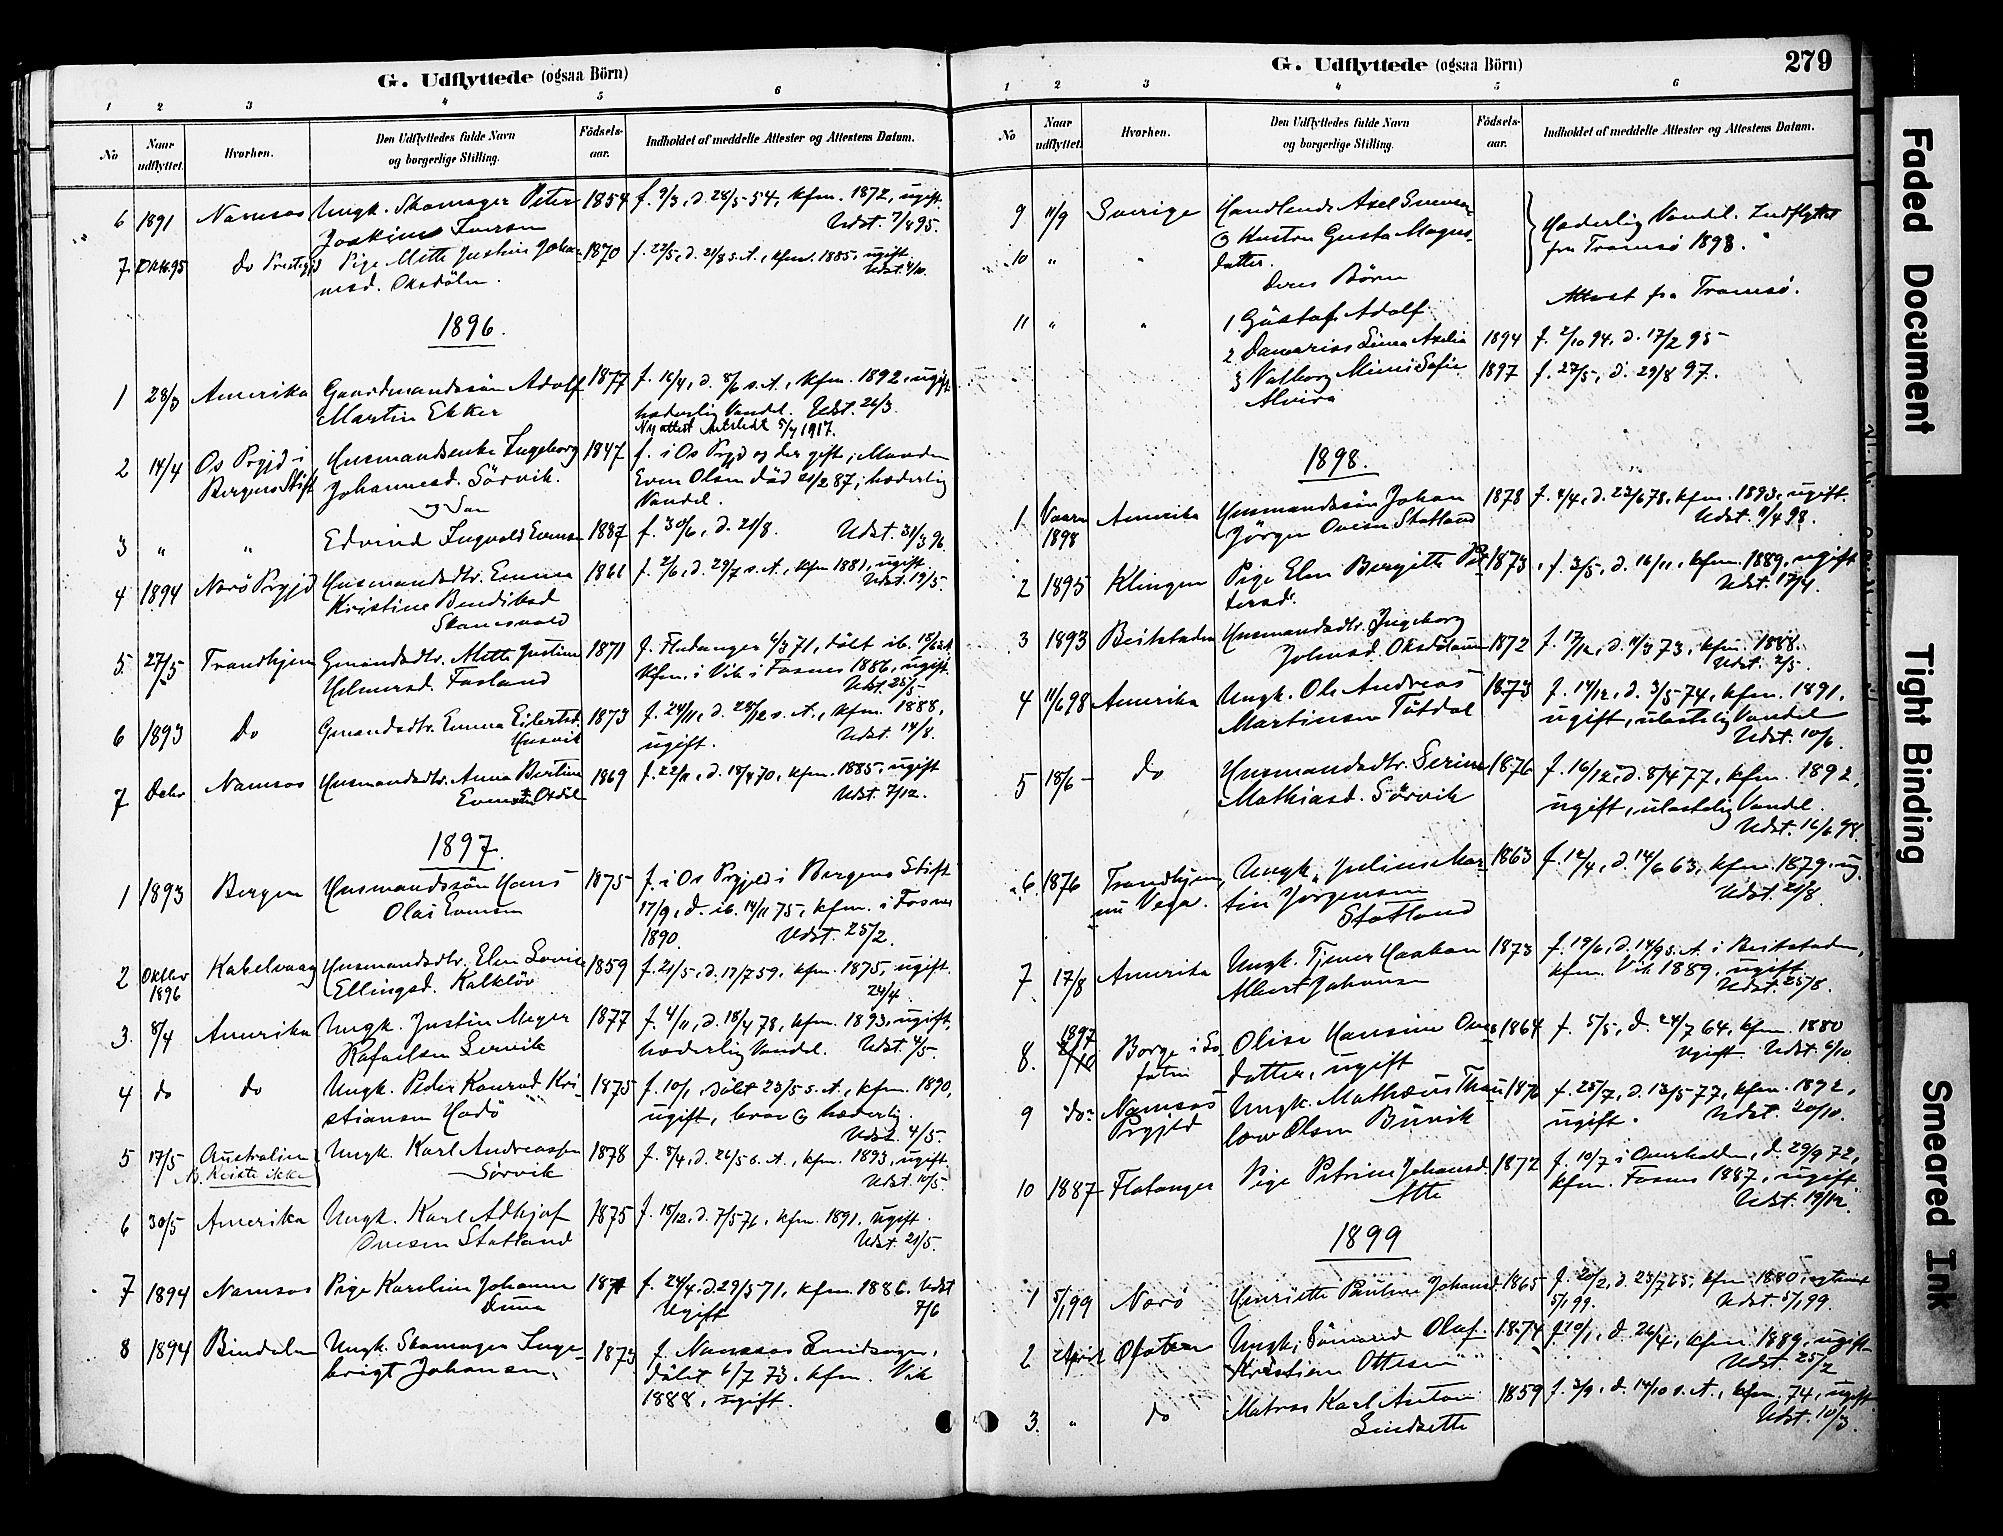 SAT, Ministerialprotokoller, klokkerbøker og fødselsregistre - Nord-Trøndelag, 774/L0628: Ministerialbok nr. 774A02, 1887-1903, s. 279